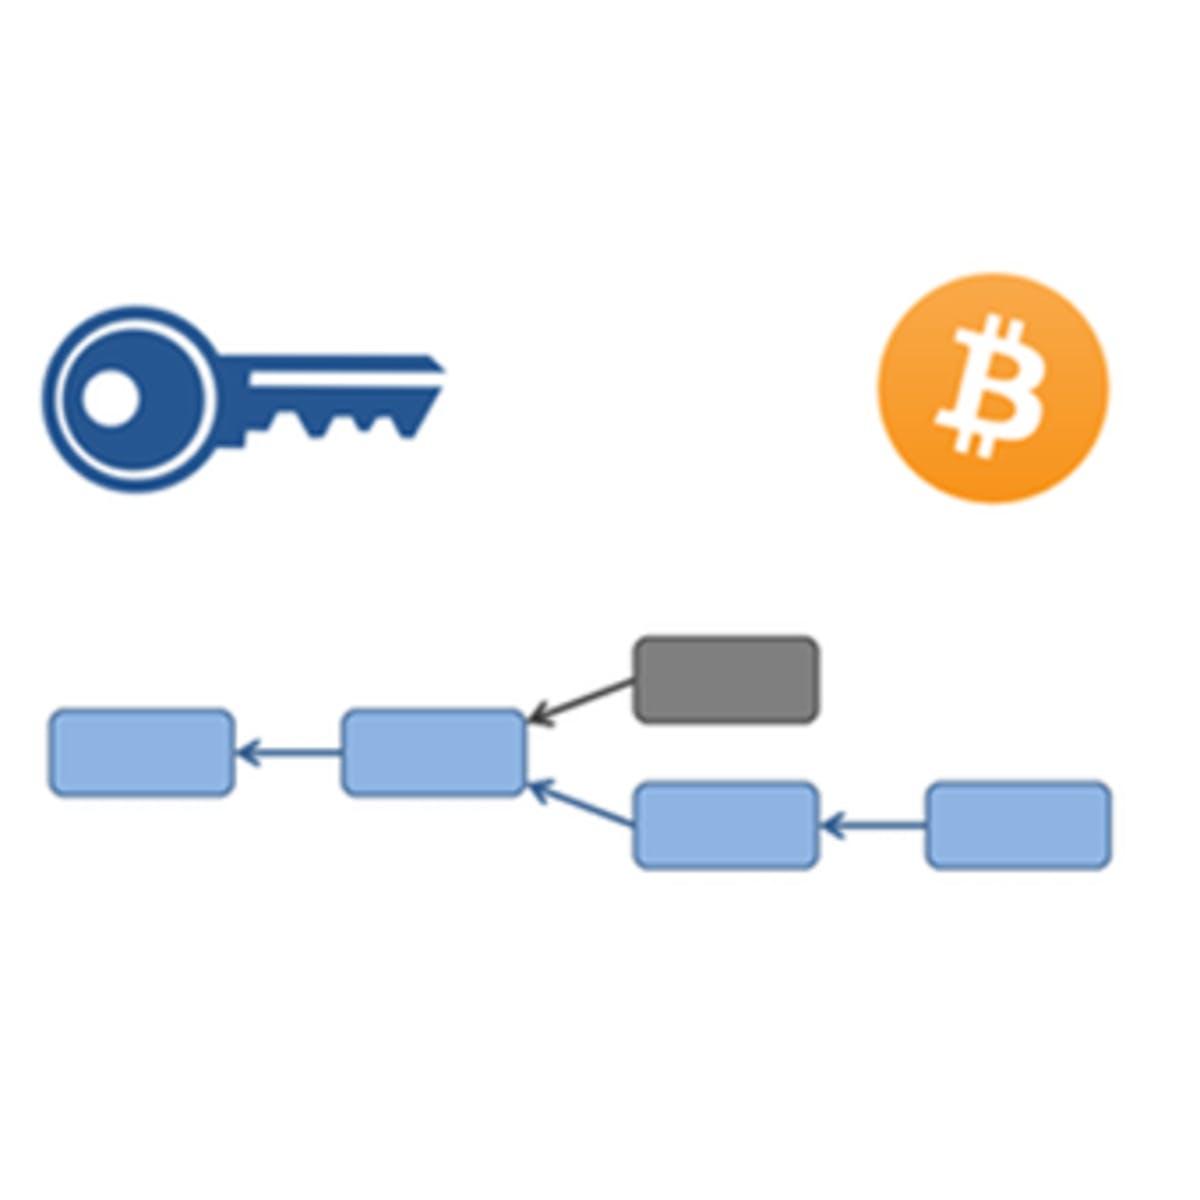 比特币和数字货币技术